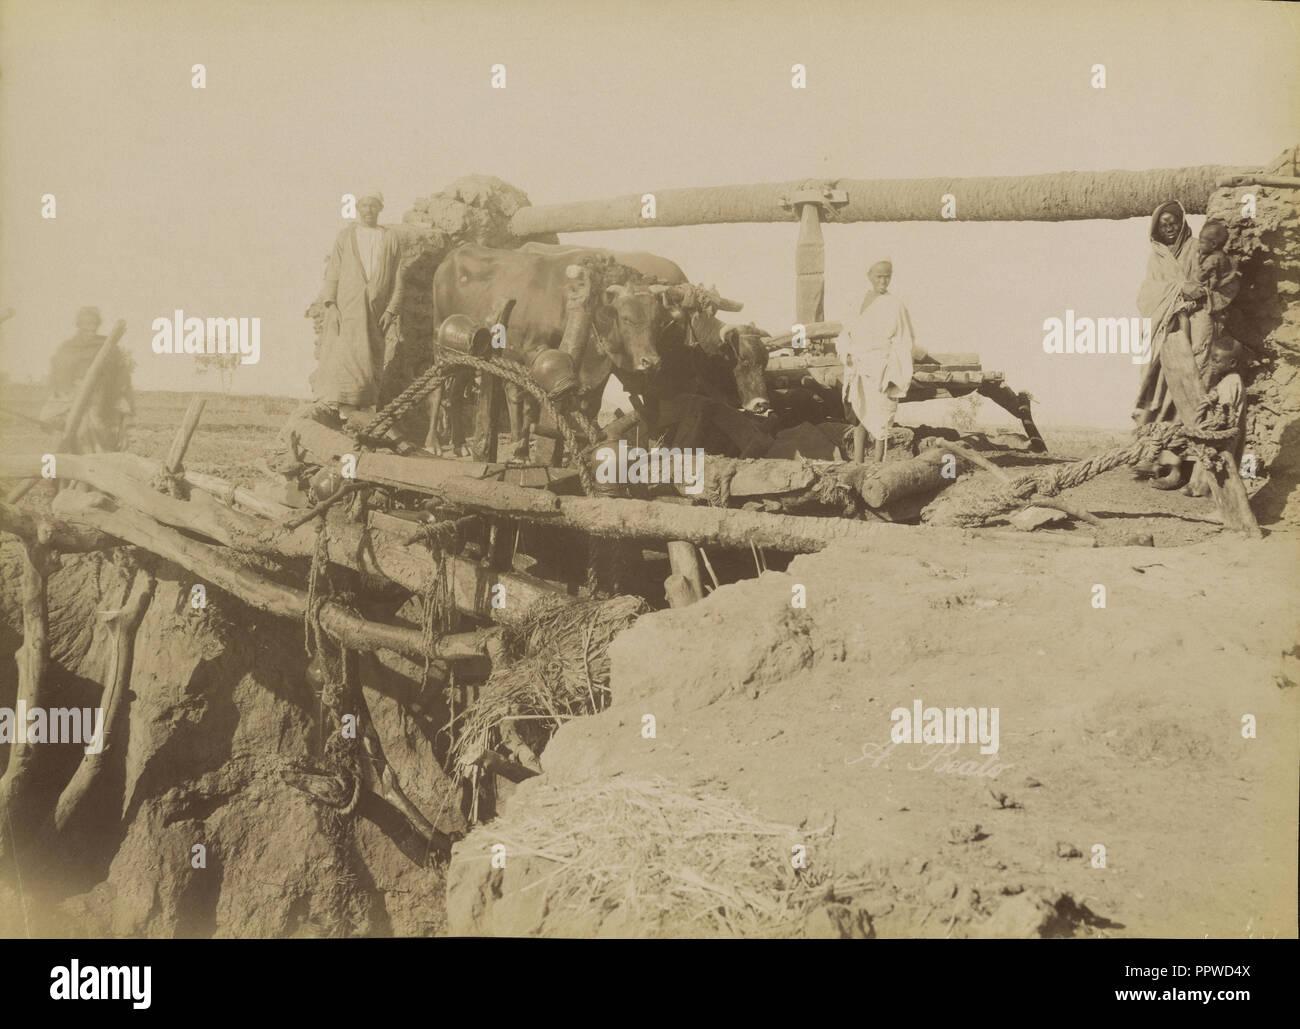 Sakkie; Antonio Beato, English, born Italy, about 1835 - 1906, 1880 - 1889; Albumen silver print - Stock Image